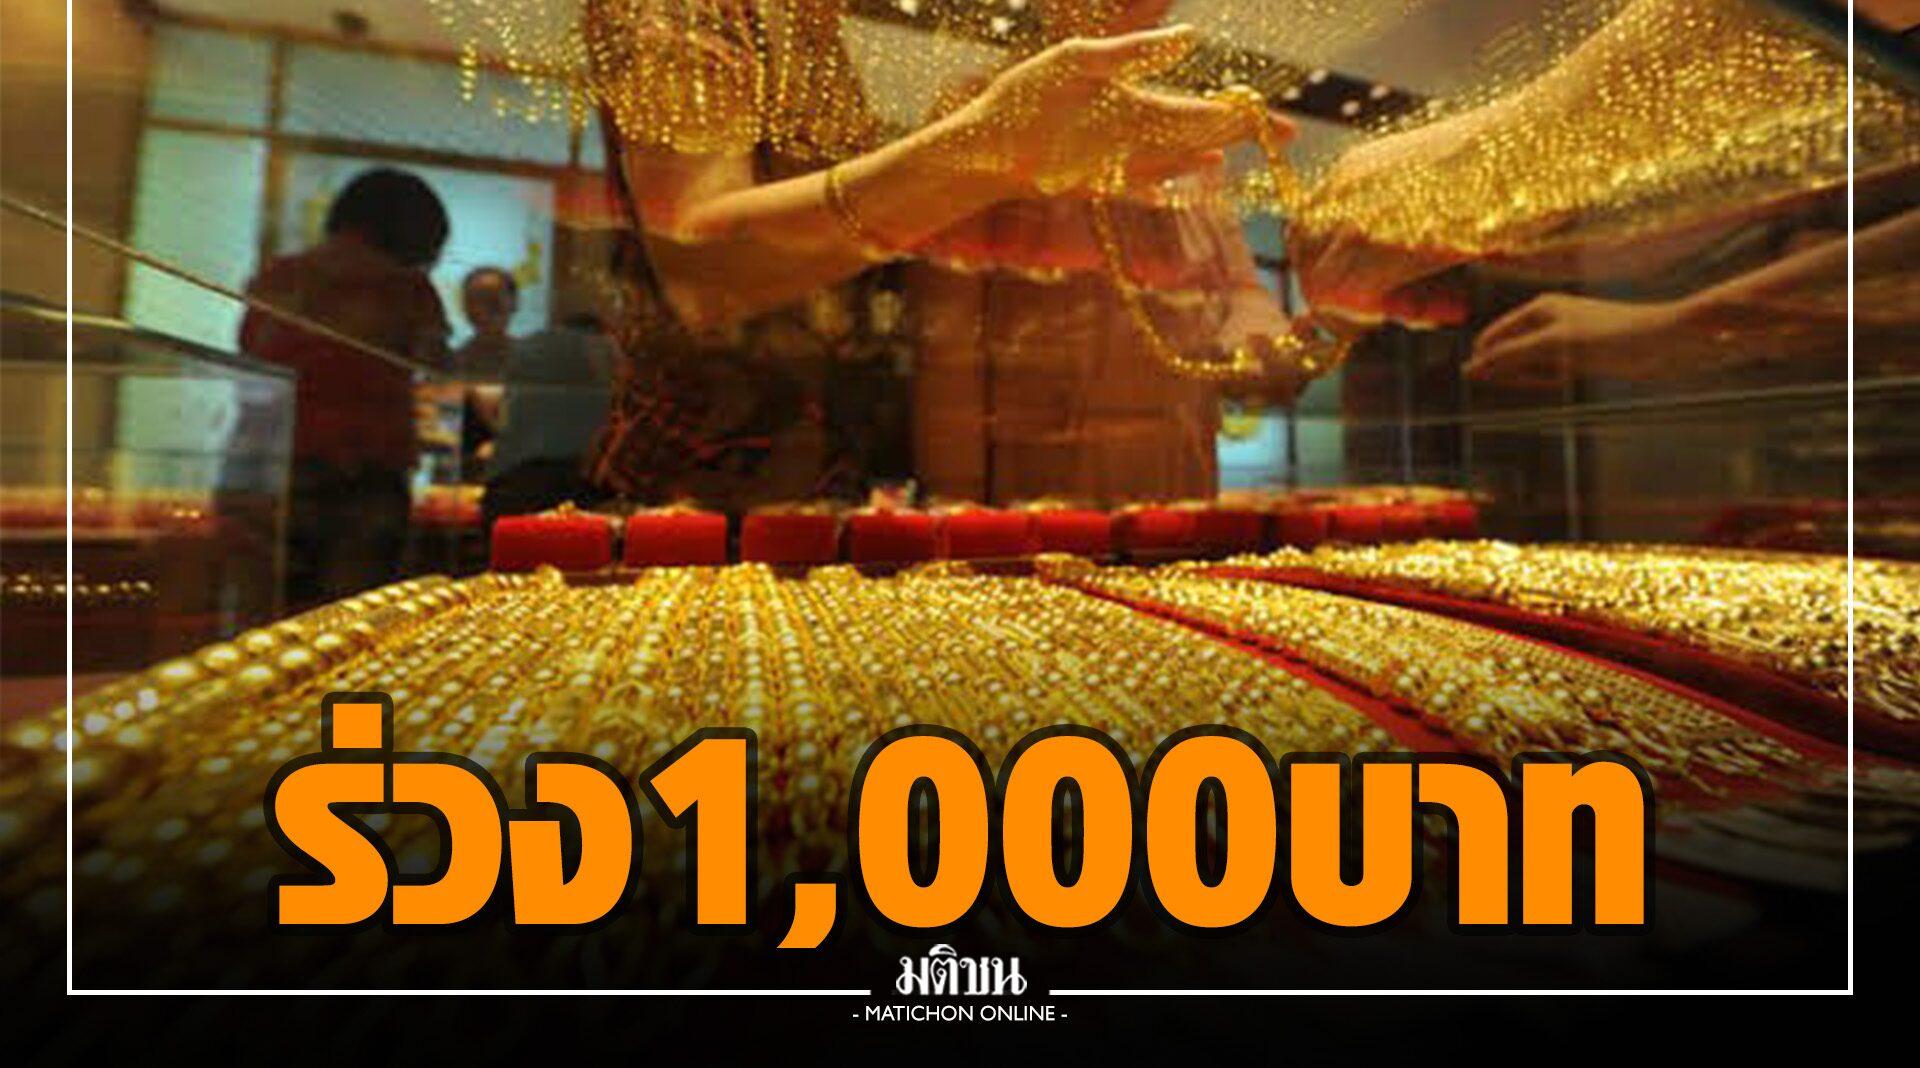 ทองคำไทยร้อนแรง!! ลด 1,000 บาท ใครเล็งไว้ตัดสินใจเลย